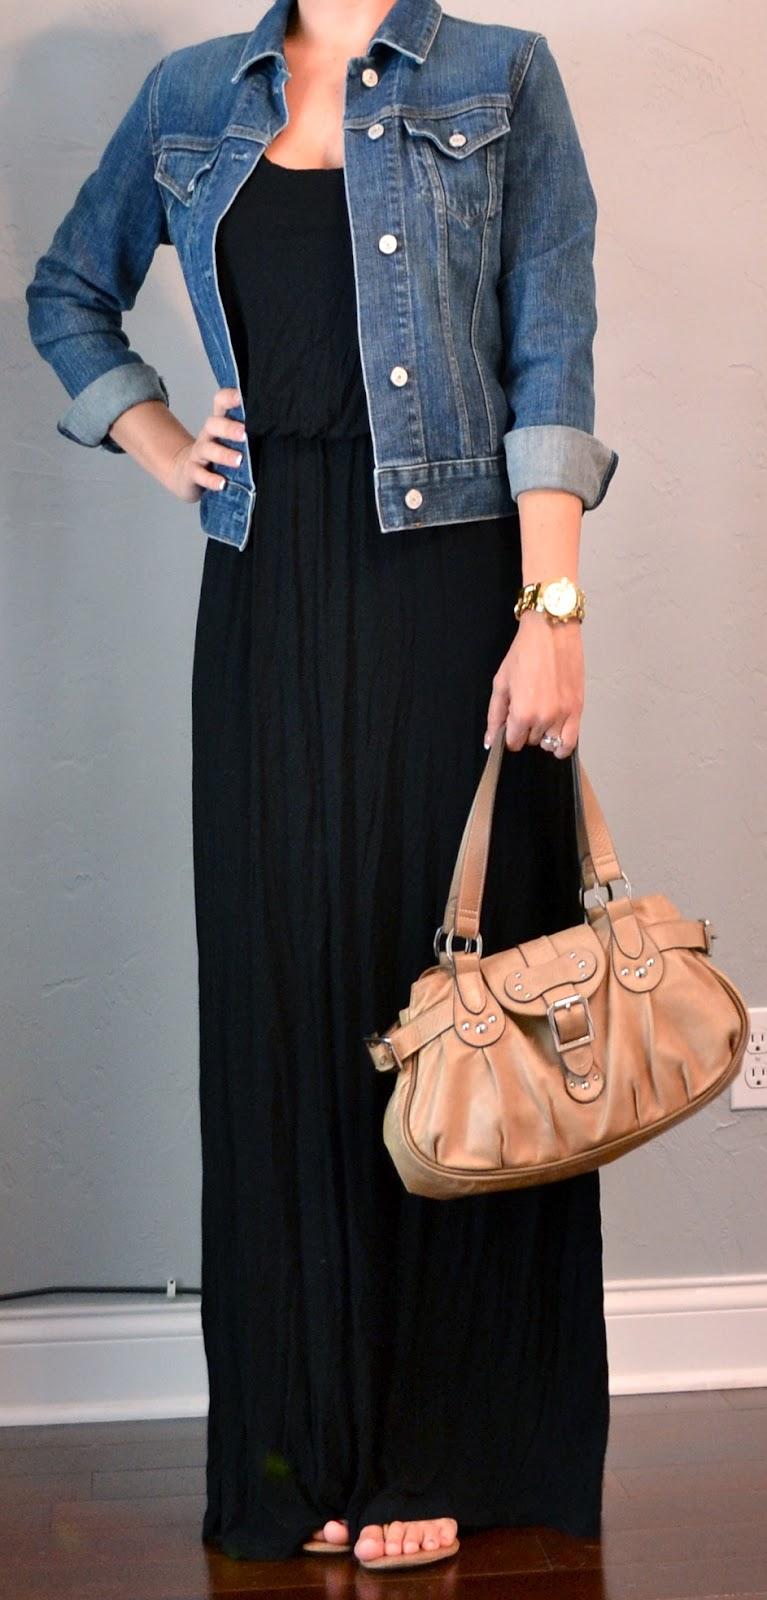 daa3b05441 outfit post: black maxi dress, jean jacket